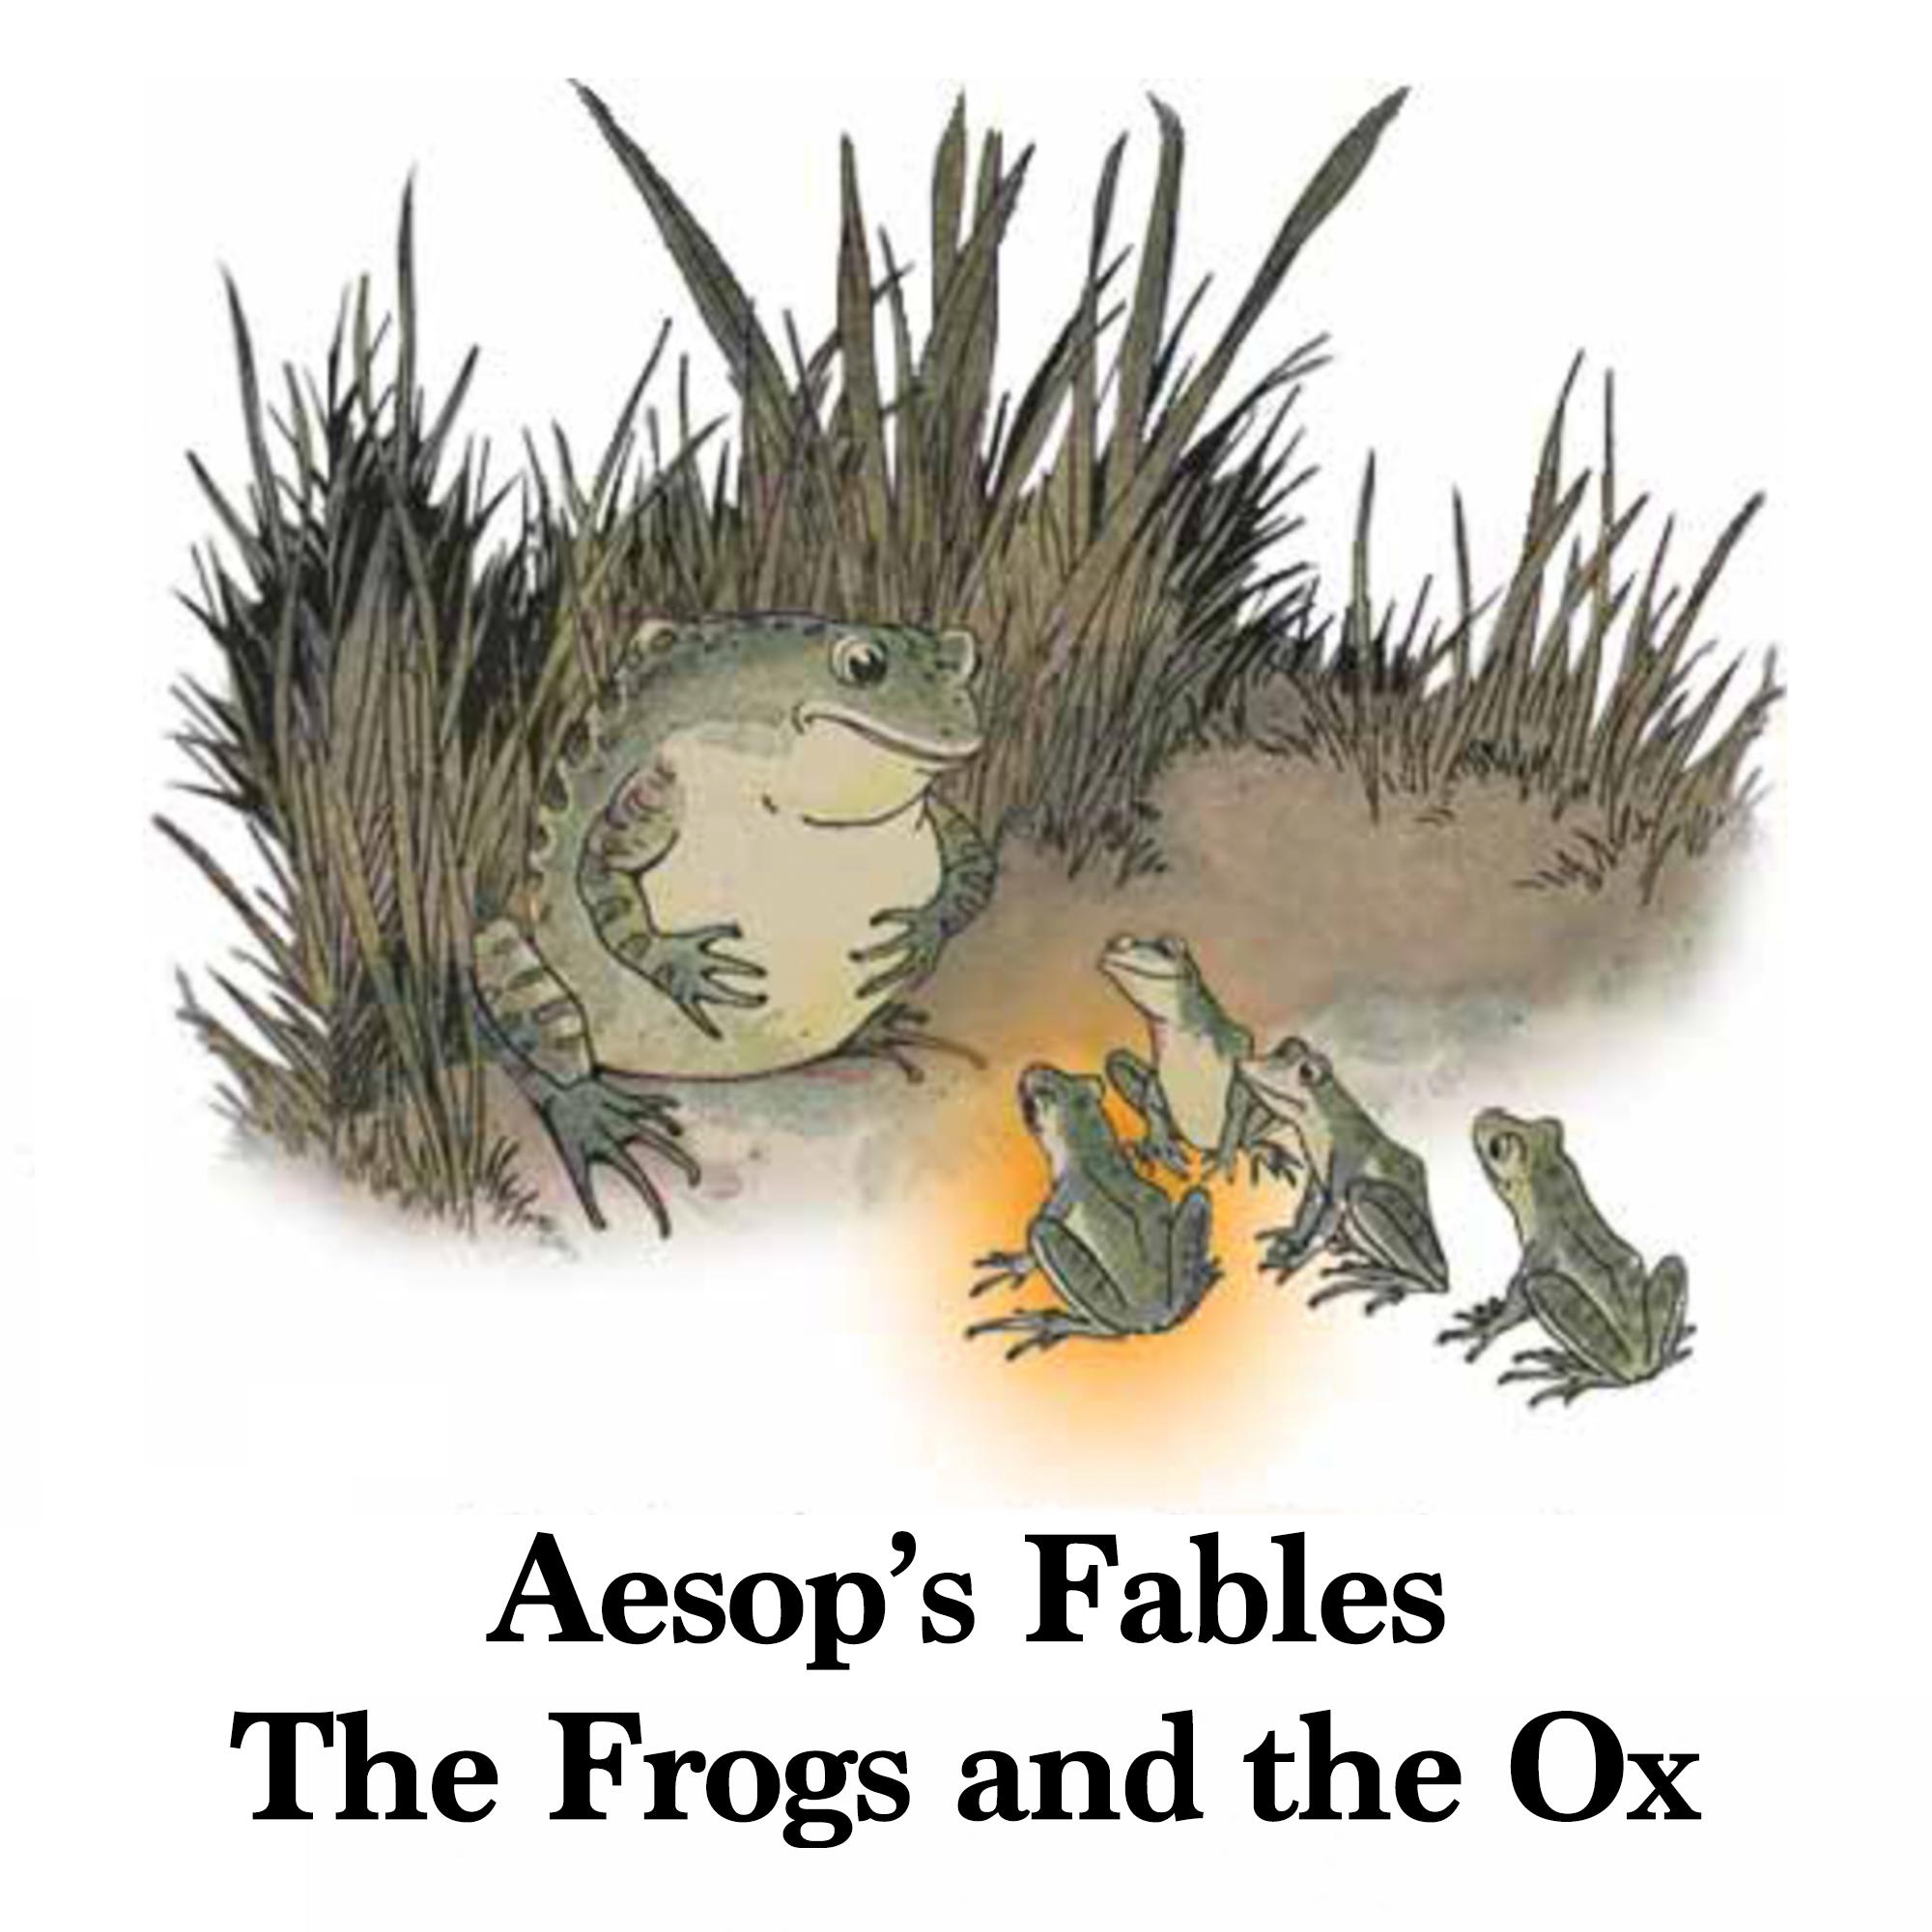 故事朗讀#2:Aesop's Fables-The Frogs and the Ox